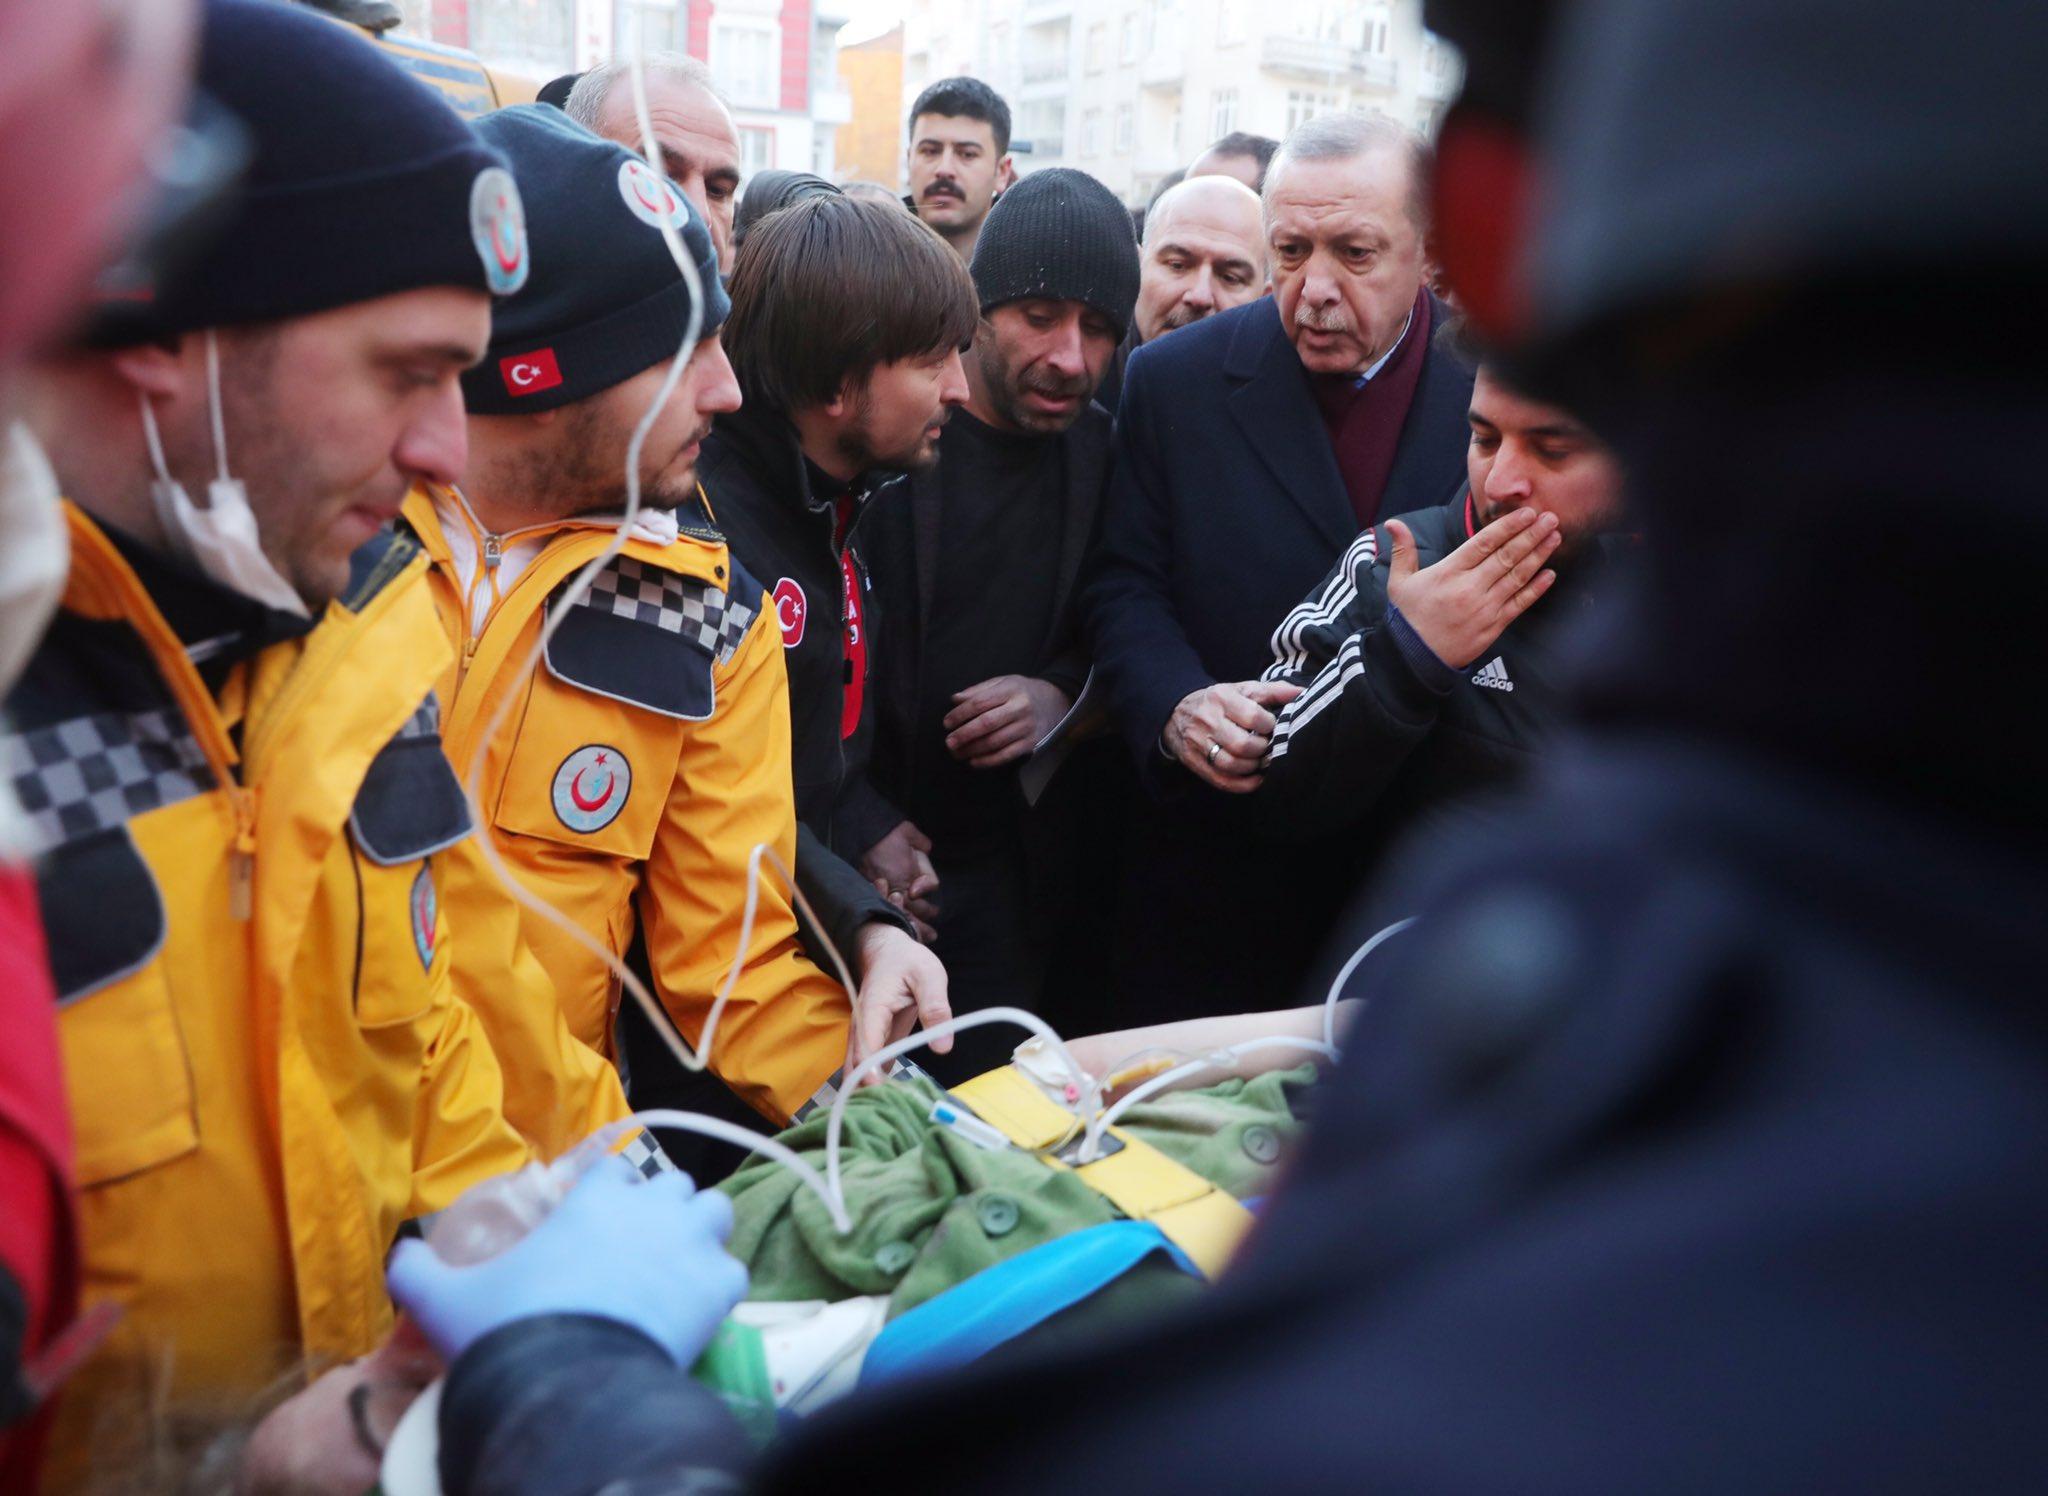 Σωστικά συνεργεία προσφέρουν βοήθεια σε τραυματίες του σεισμού στην Τουρκία